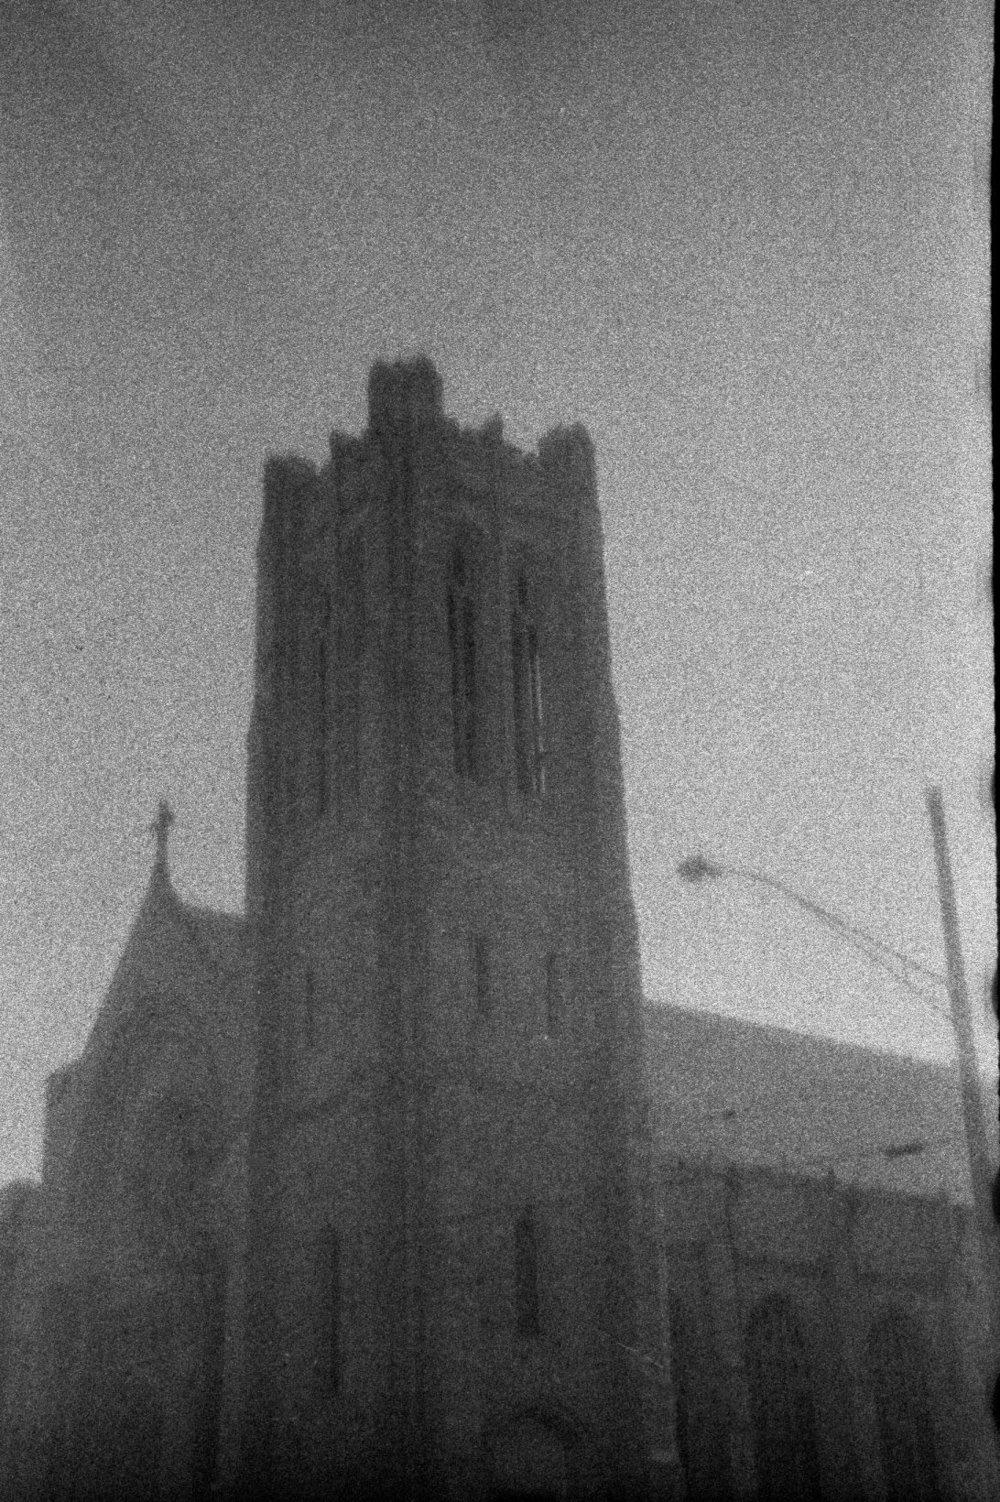 church_tower.jpg